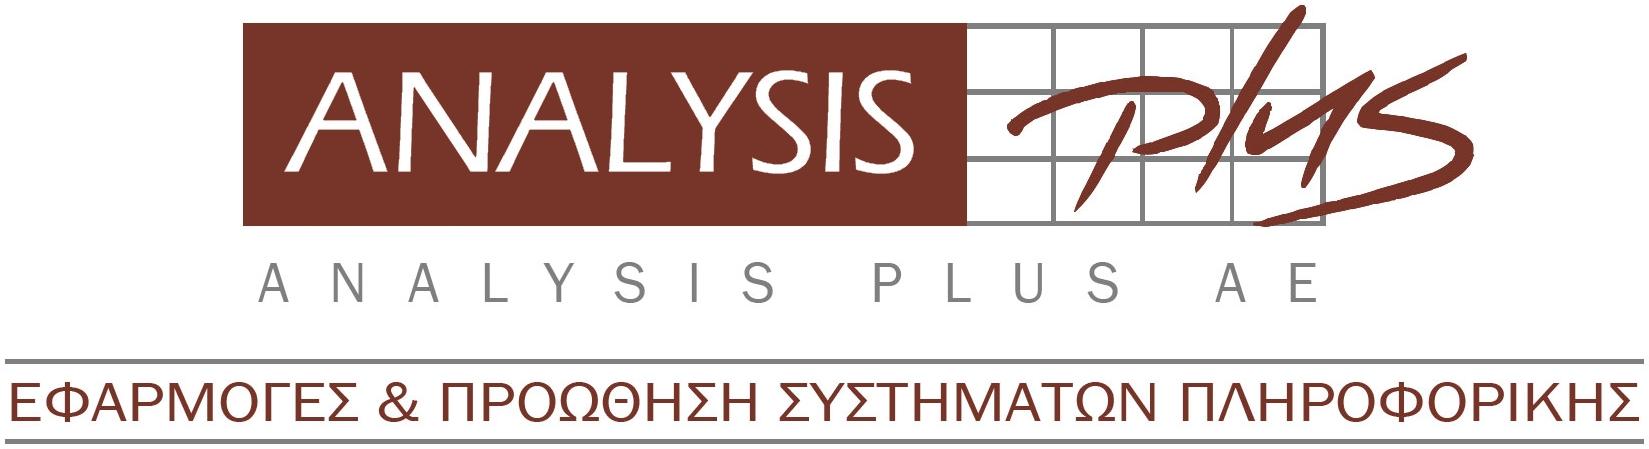 Analysis Plus Logo